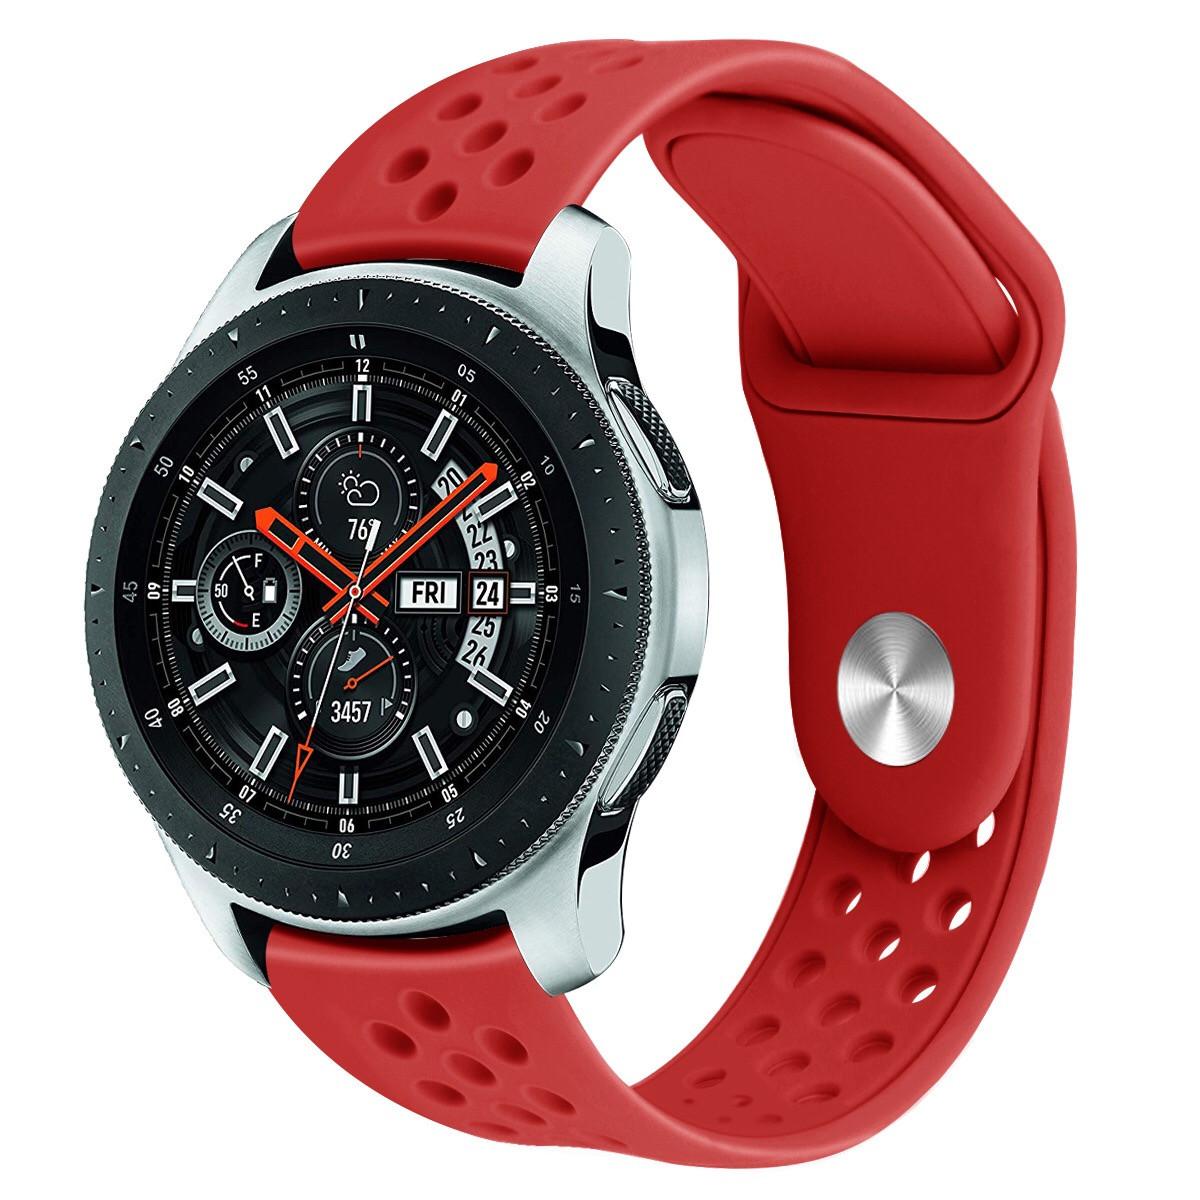 Ремешок силиконовый BeWatch OneColor 22 мм для смарт-часов Samsung Gear S3 Red (1020503)